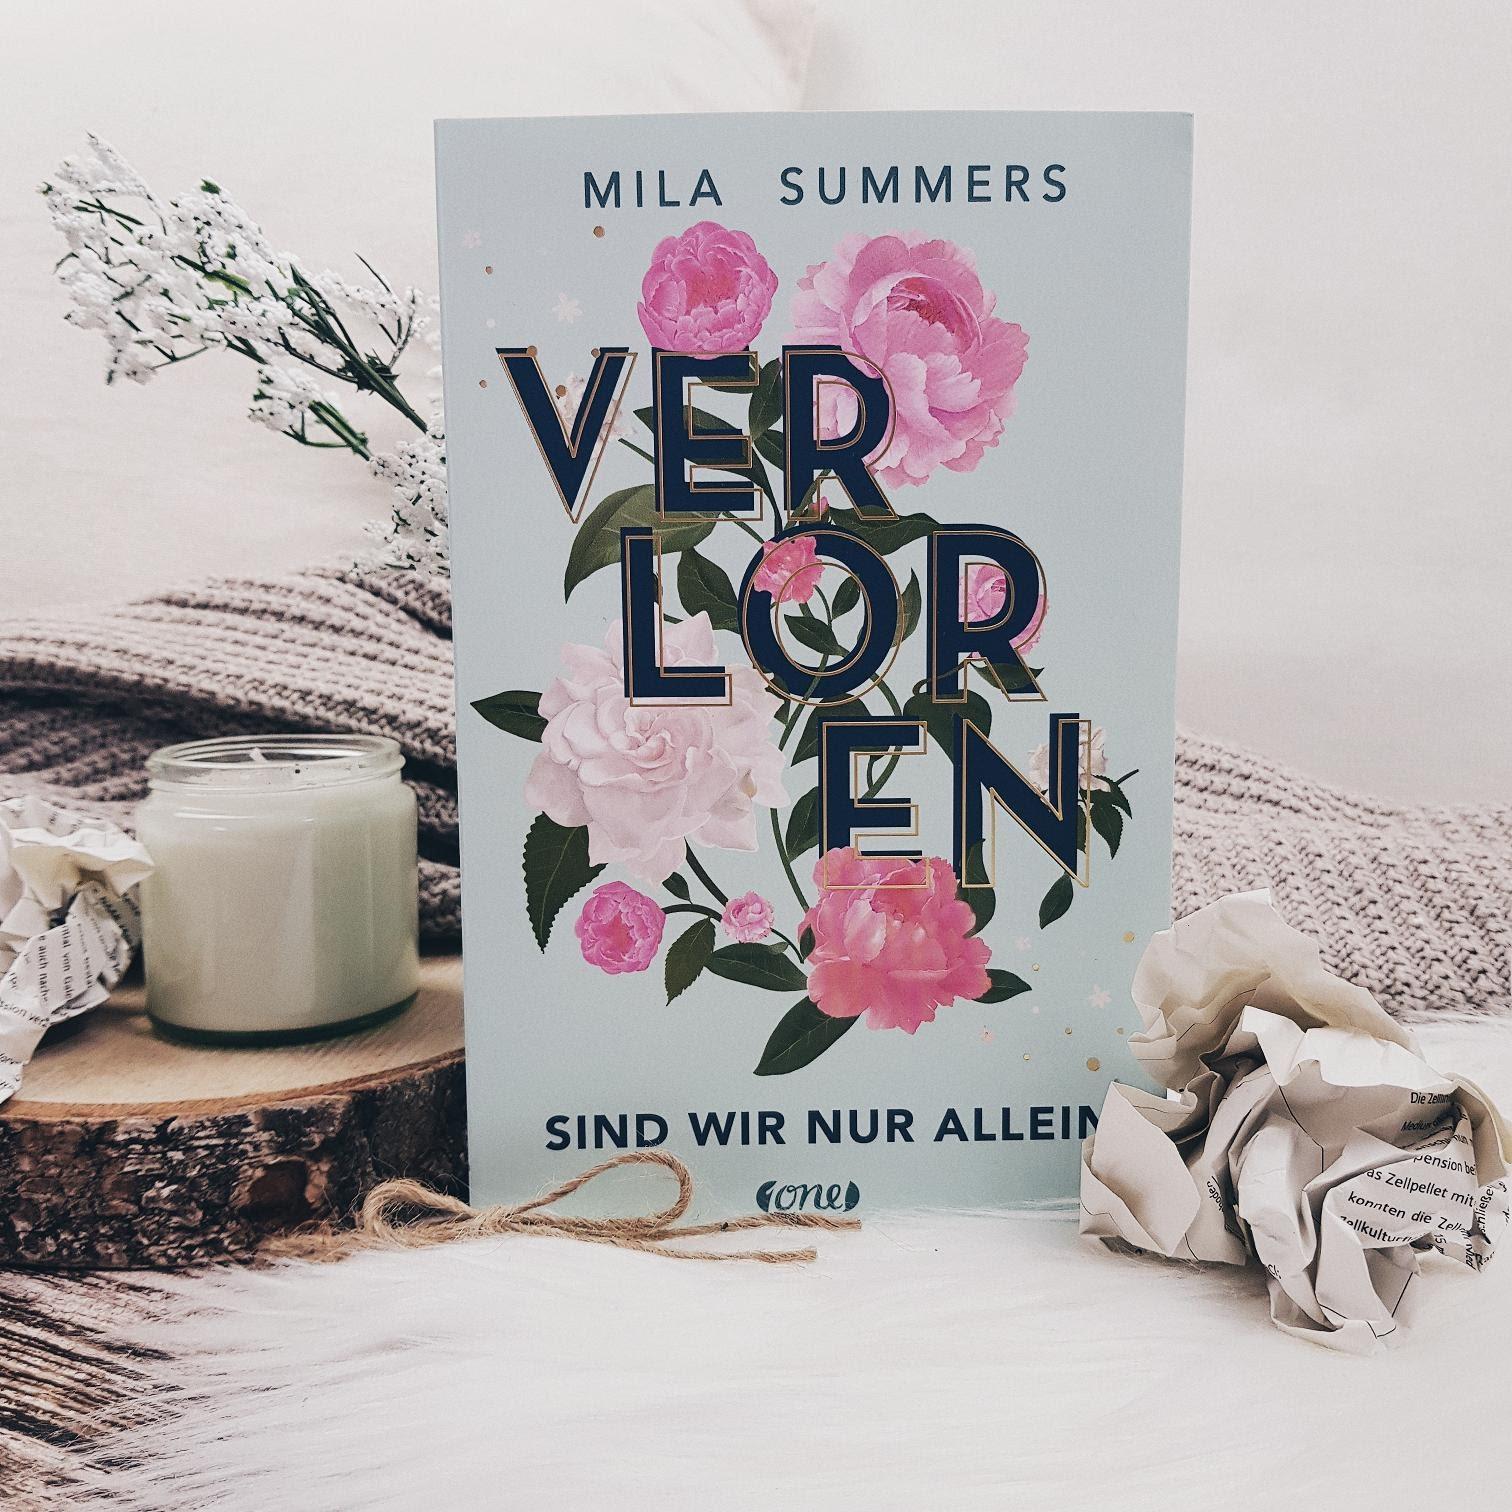 Bücherblog. Rezension. Buchcover. Verloren sind wir nur allein von Mila Summers. Jugendbuch. one.